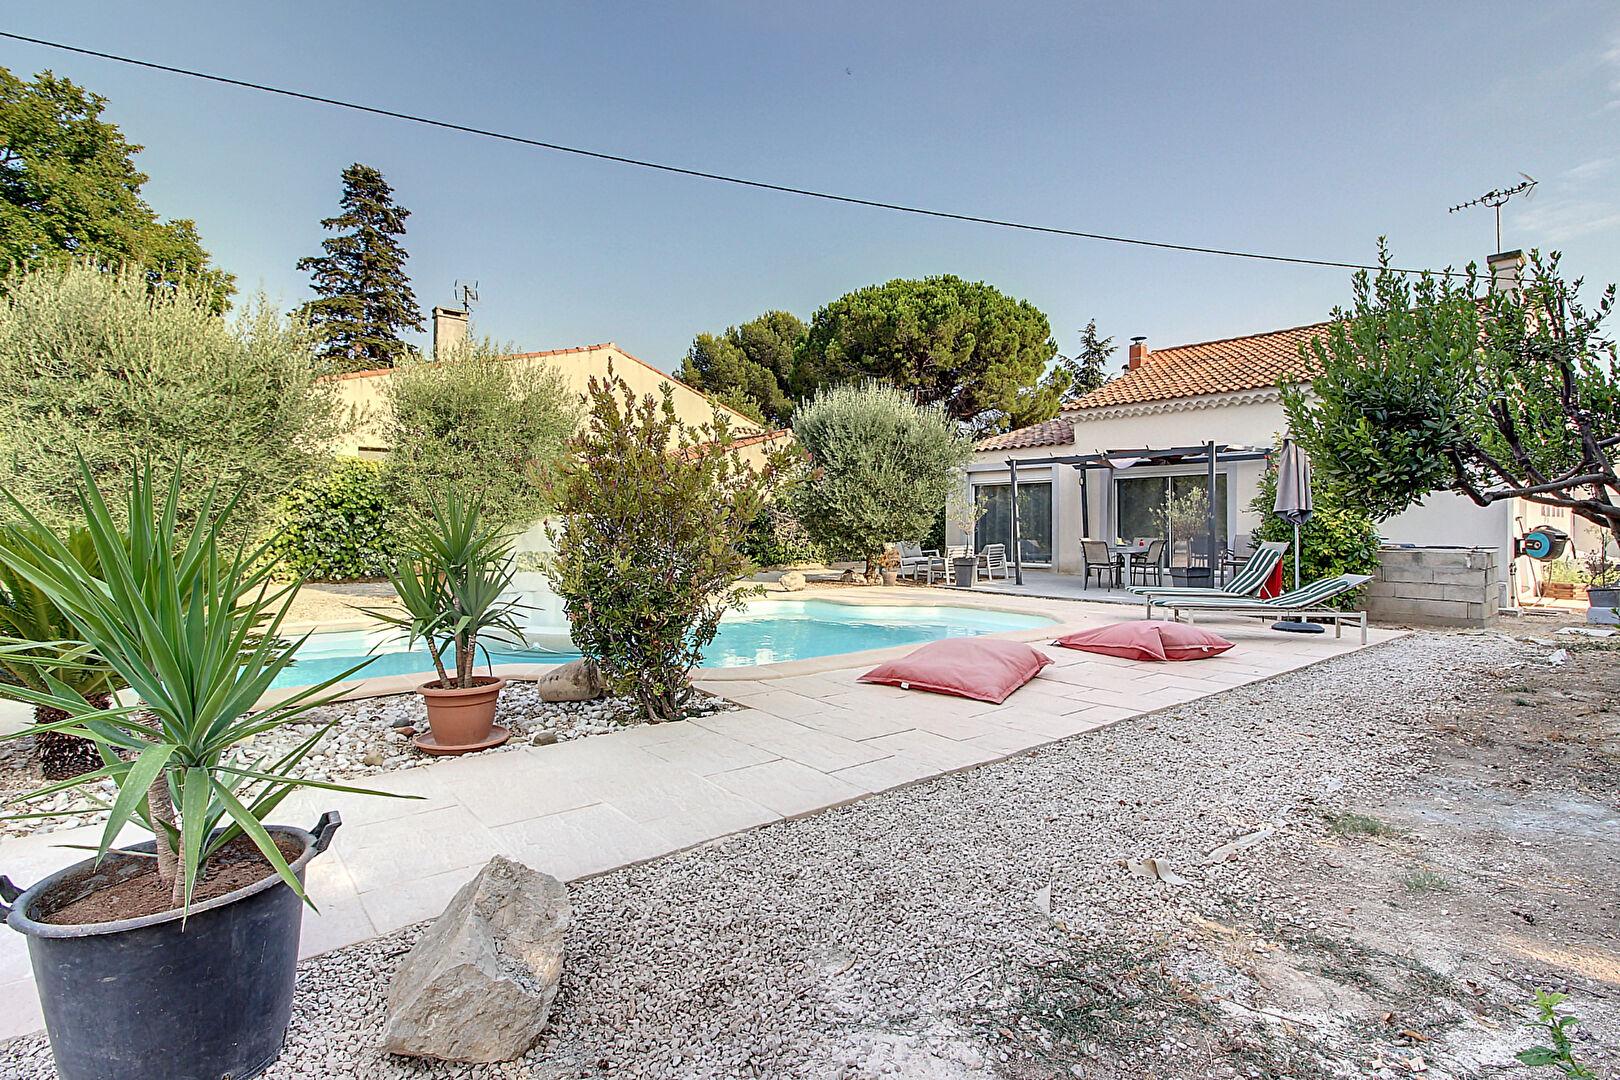 Maison Vitrolles secteur très recherché  4 pièce(s) 90 m² environ plain pied avec double garage de 60 m² environ photo 1